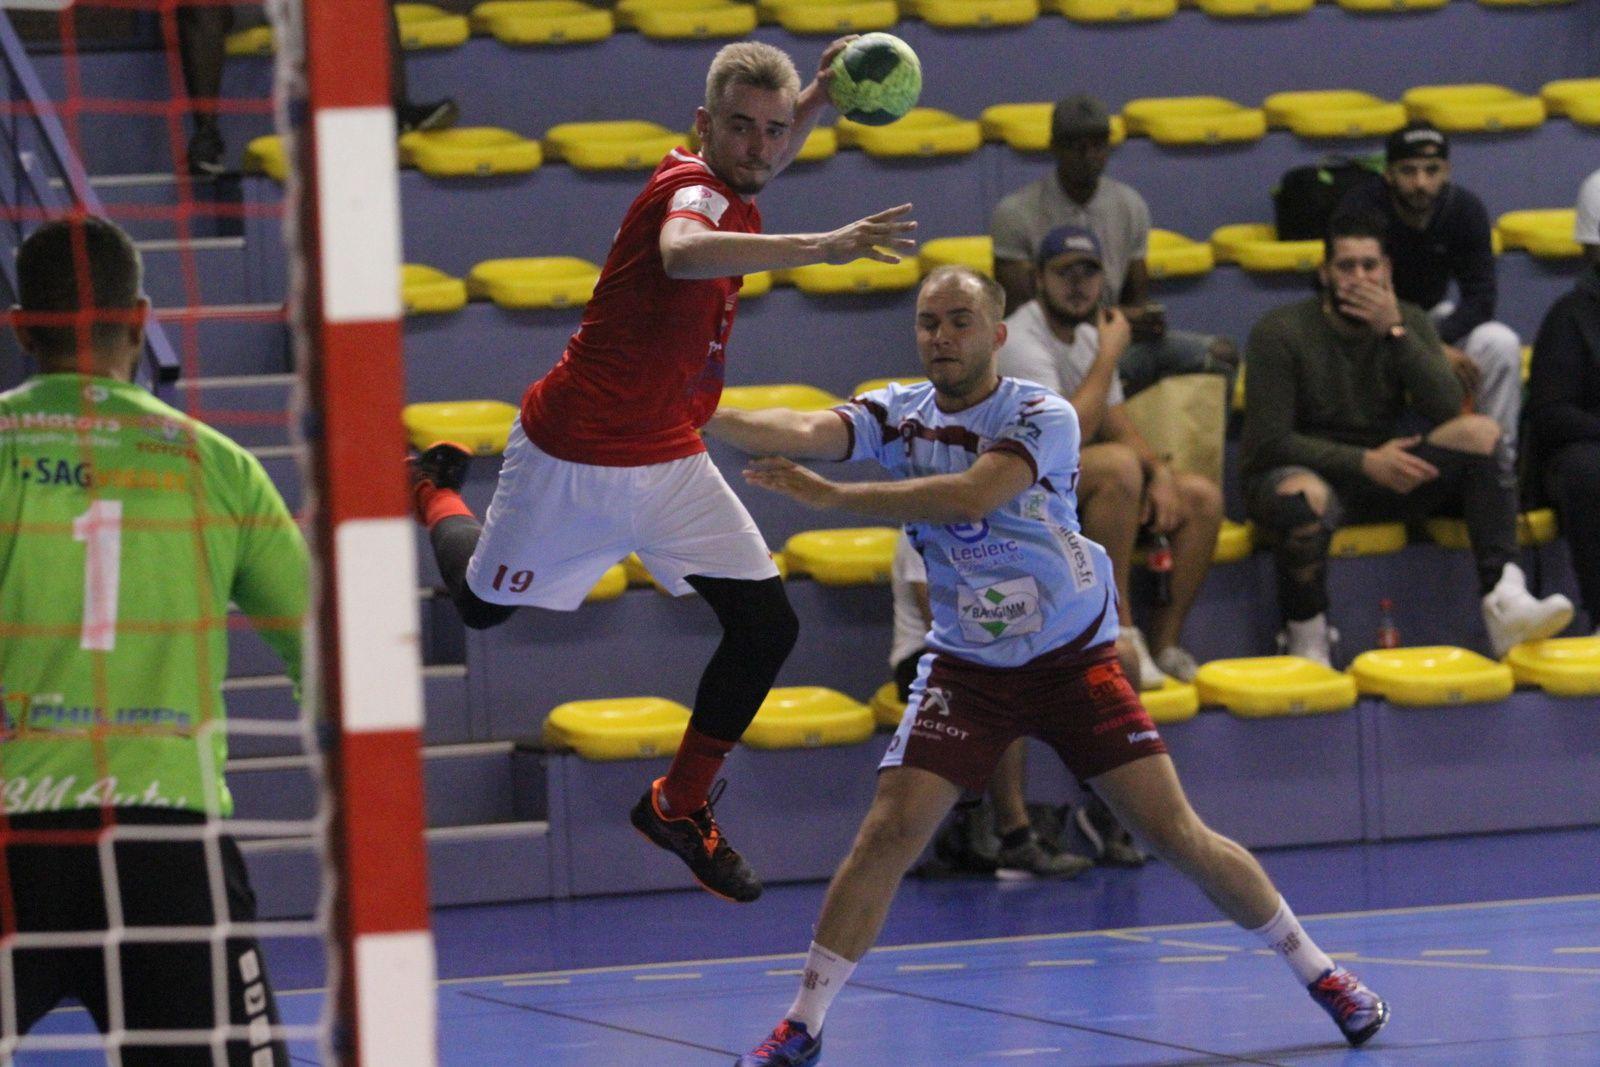 La jeune équipe vénissian a été accrochéepar les expérimtes promus berjalliens - Photos : © Sports Vénissians